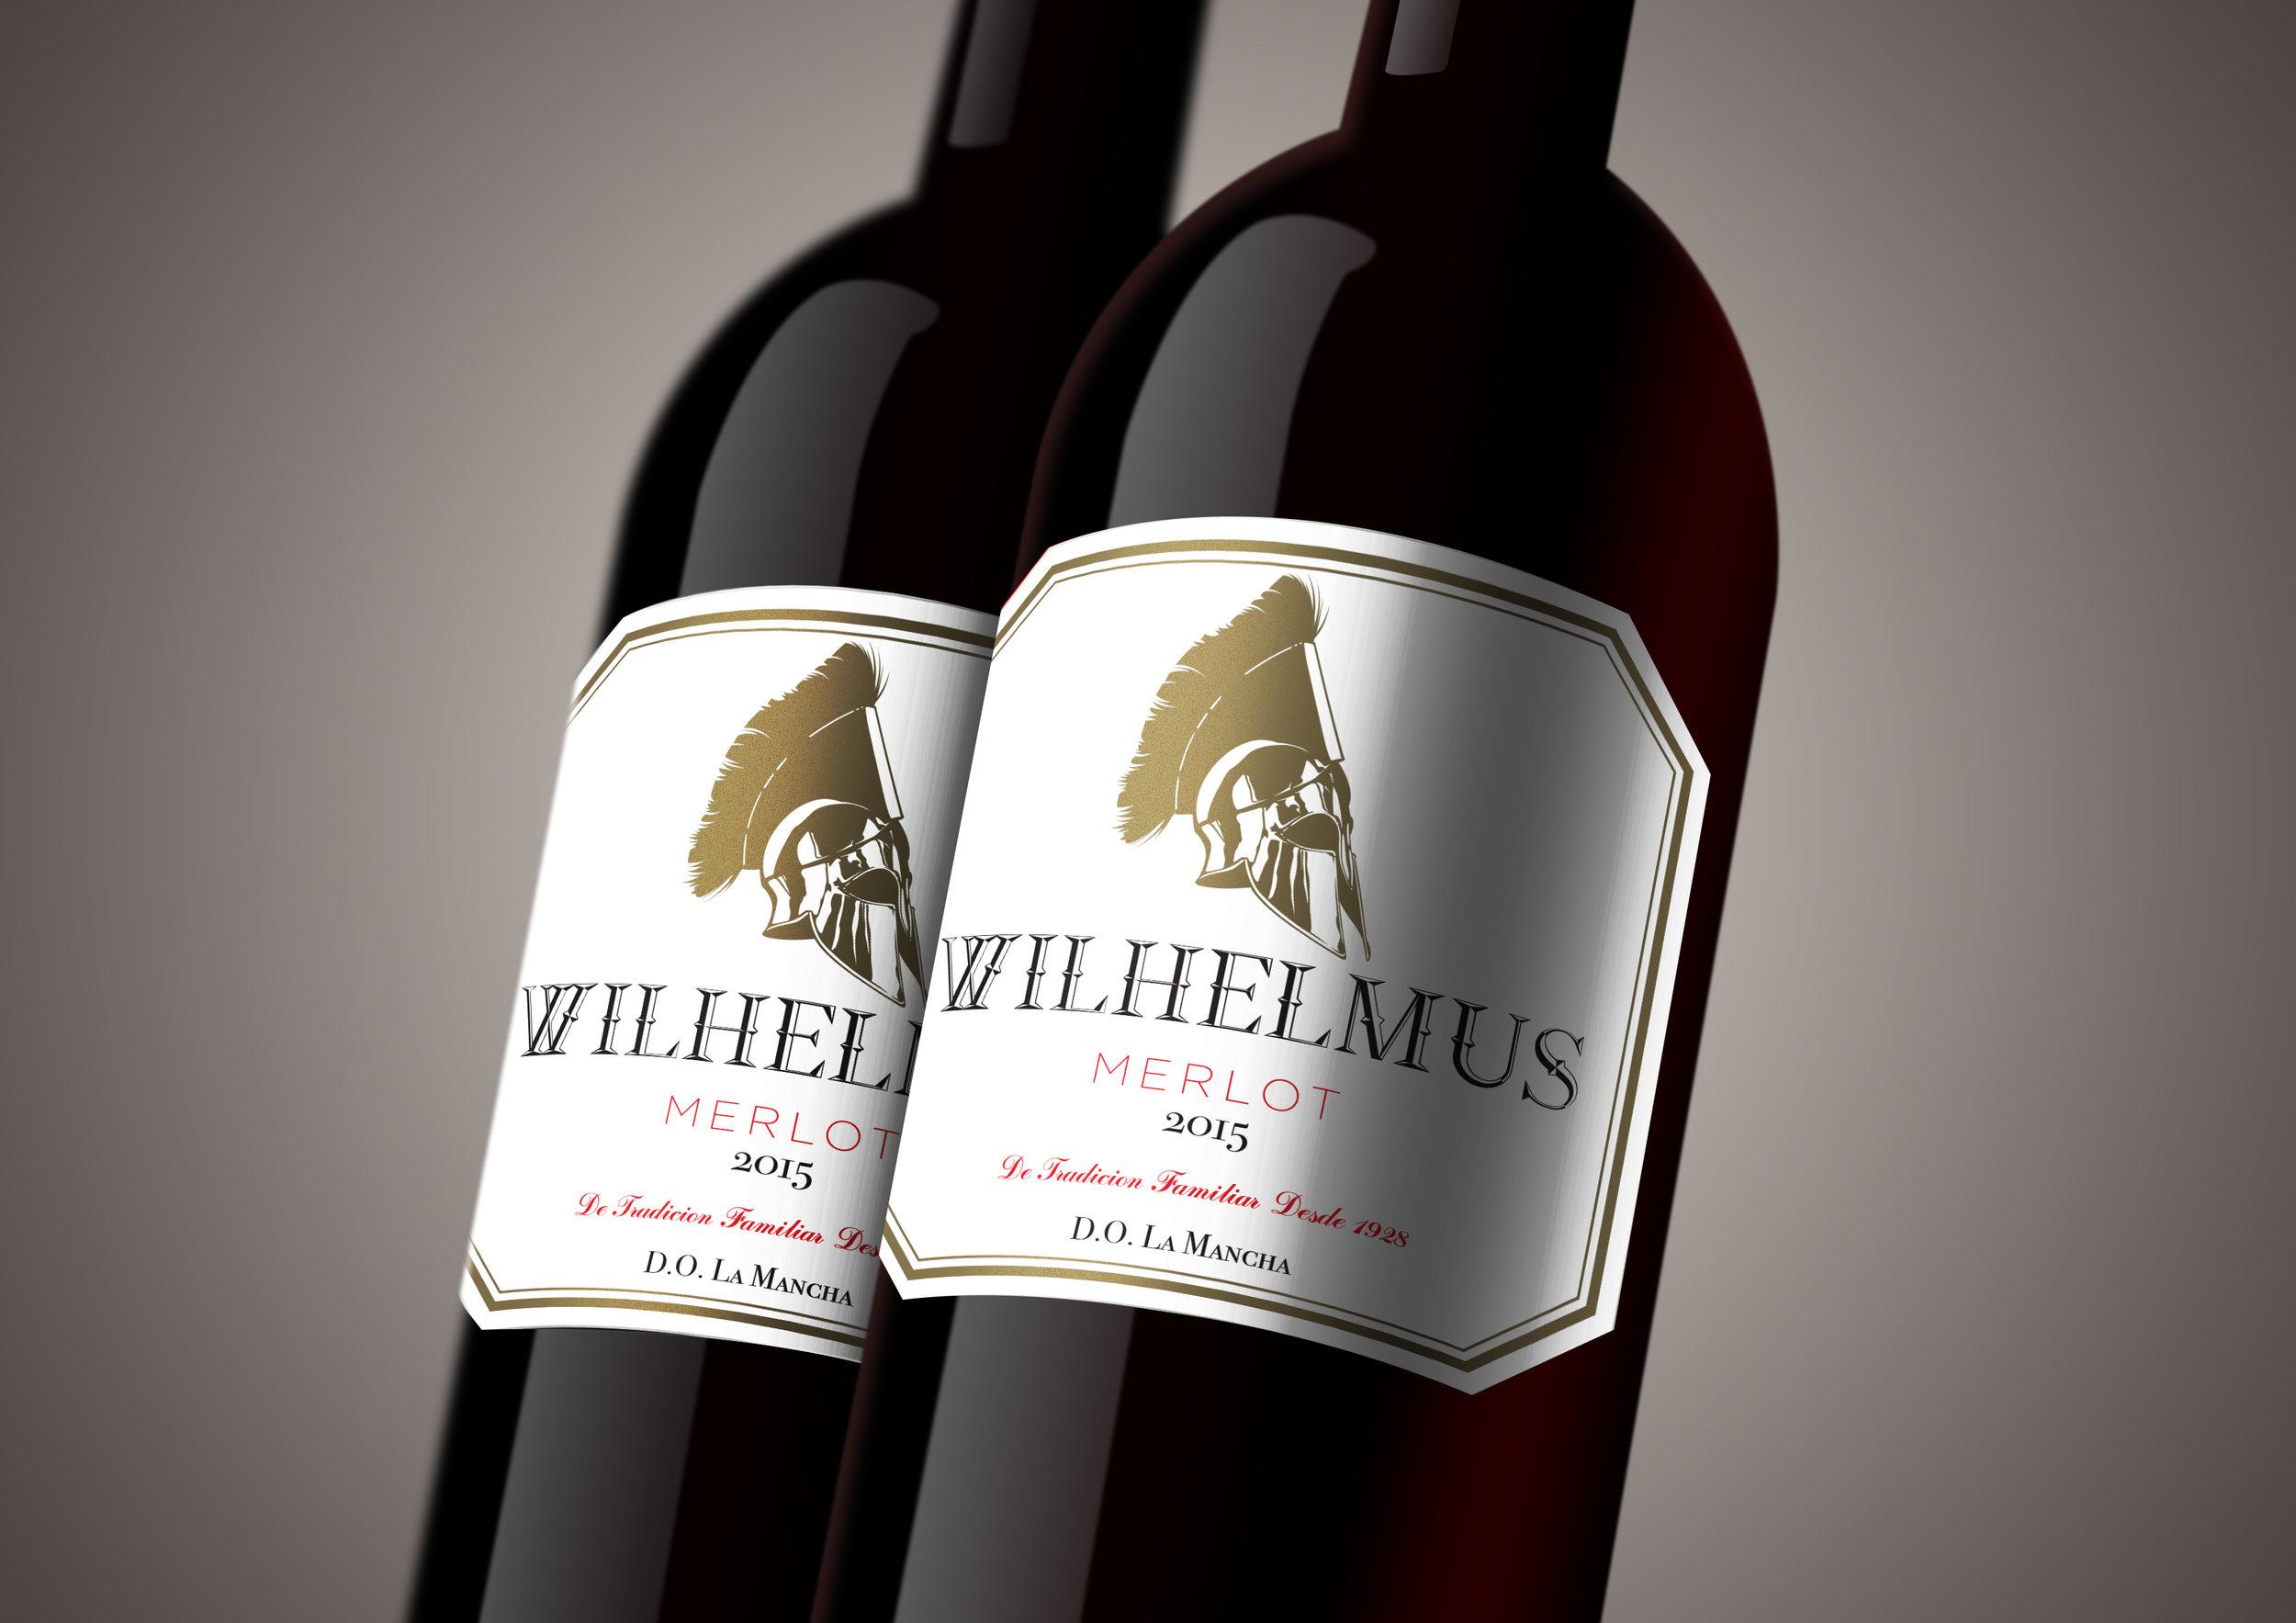 Wilhelmus 2 bottle shot.jpg